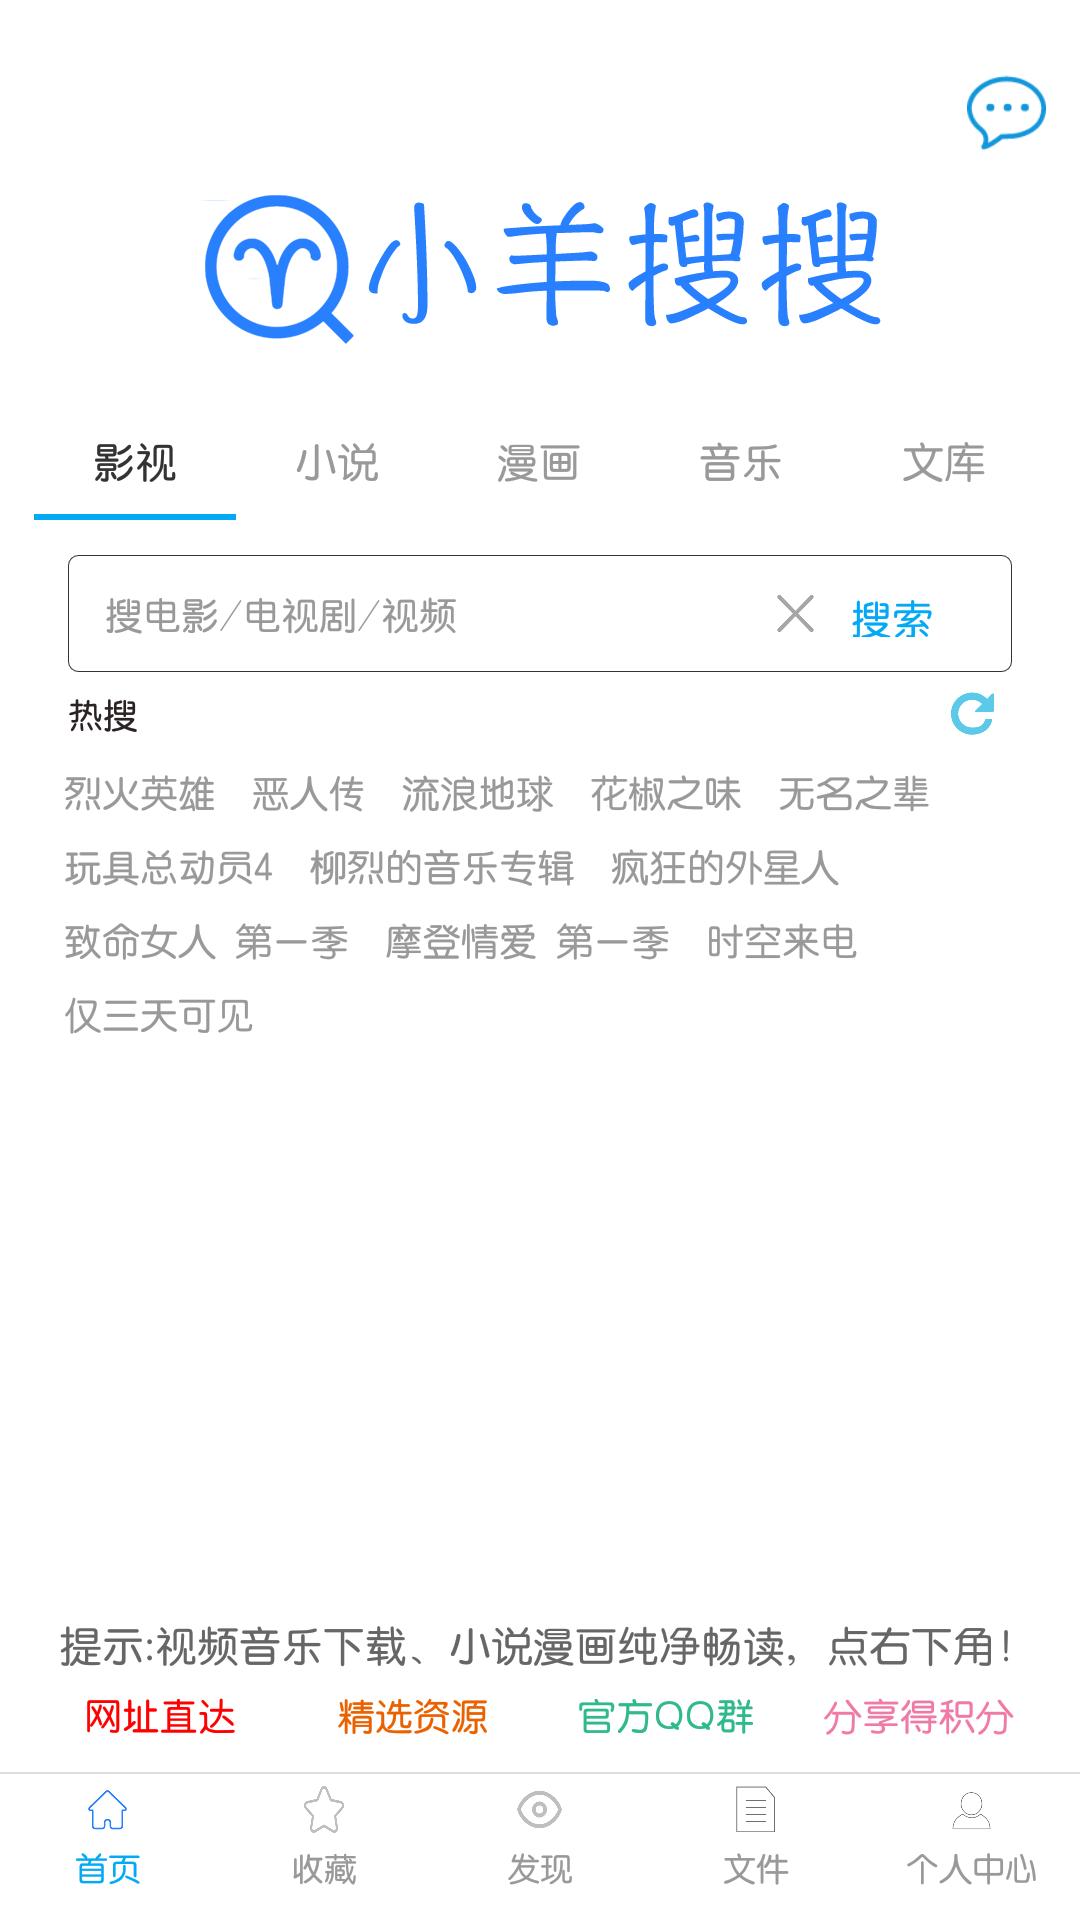 【分享】小羊搜搜 1.4.3-爱小助